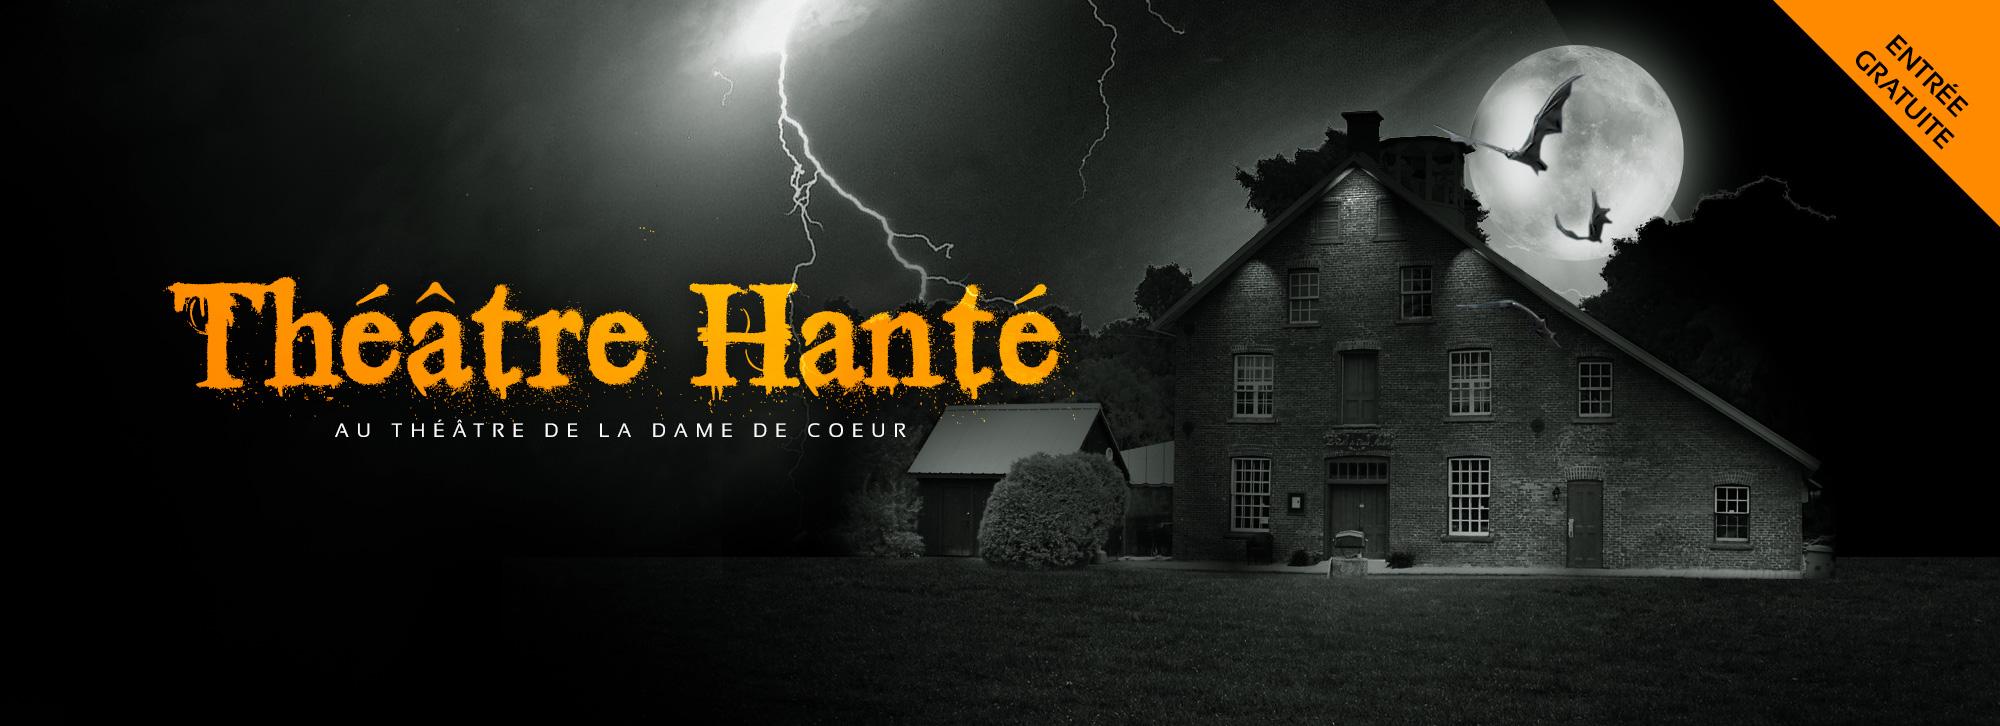 theatre-hante-banniere